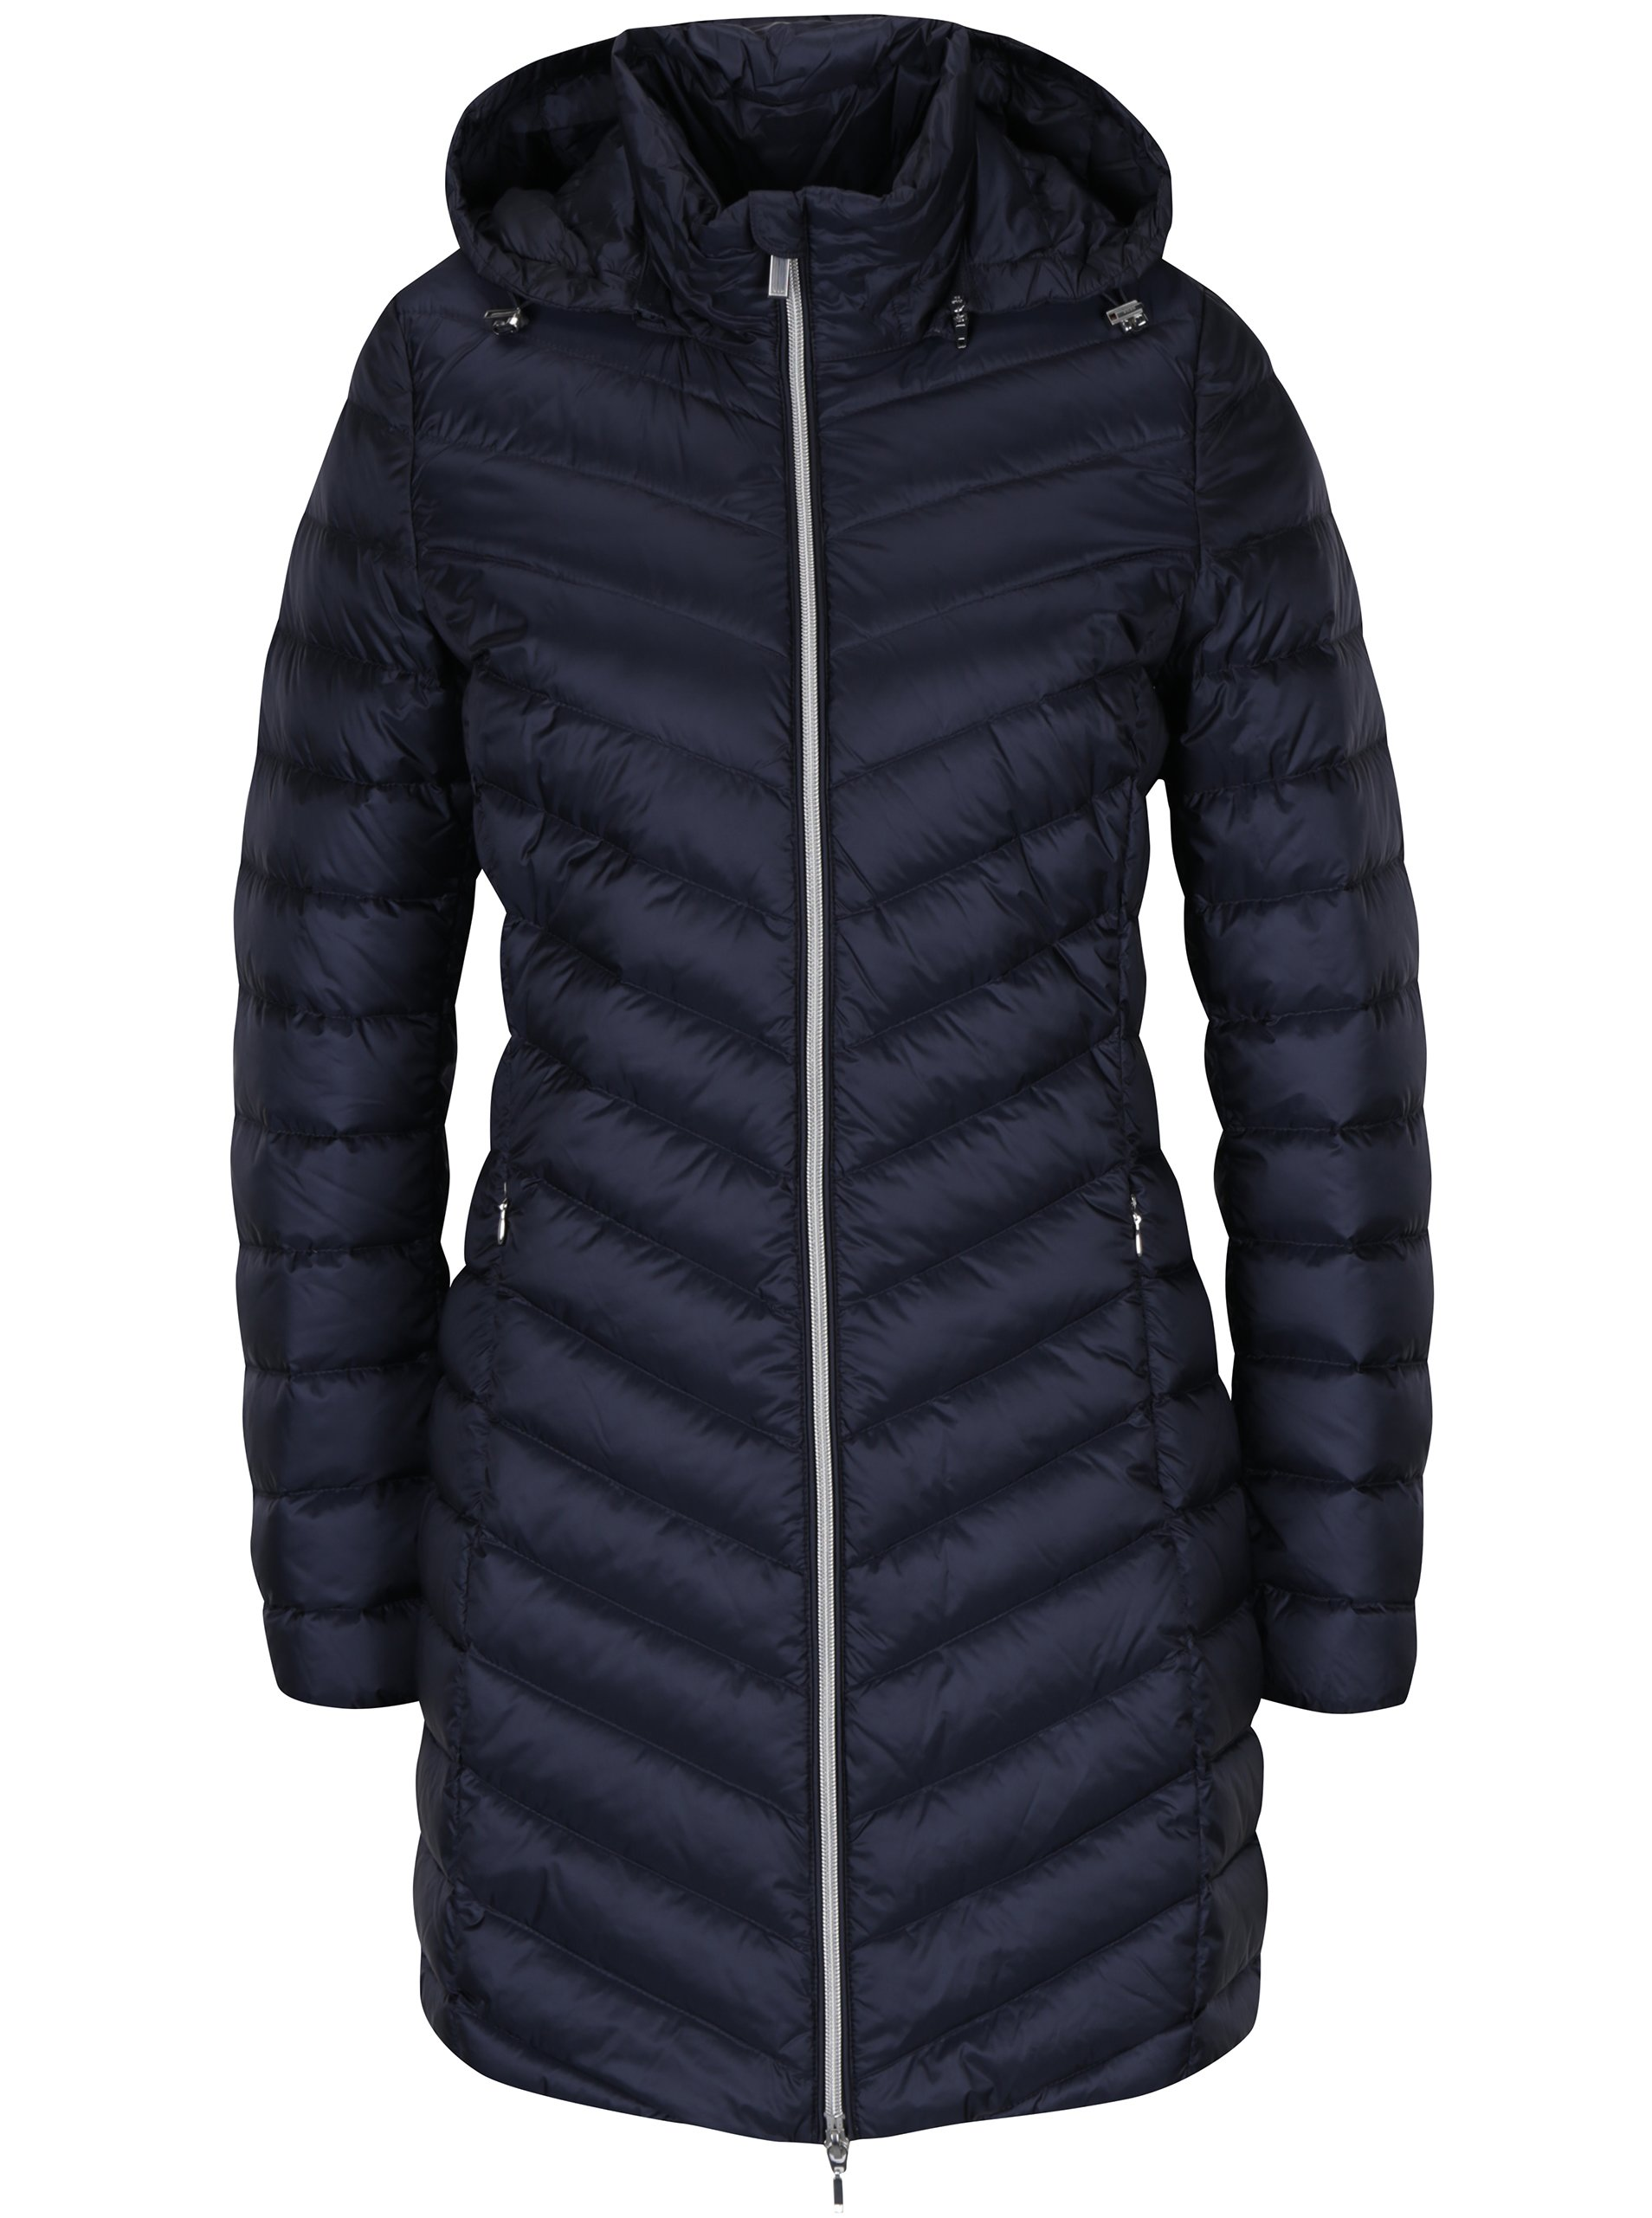 Tmavě modrý dámský prošívaný funkční péřový kabát s kapucí Geox